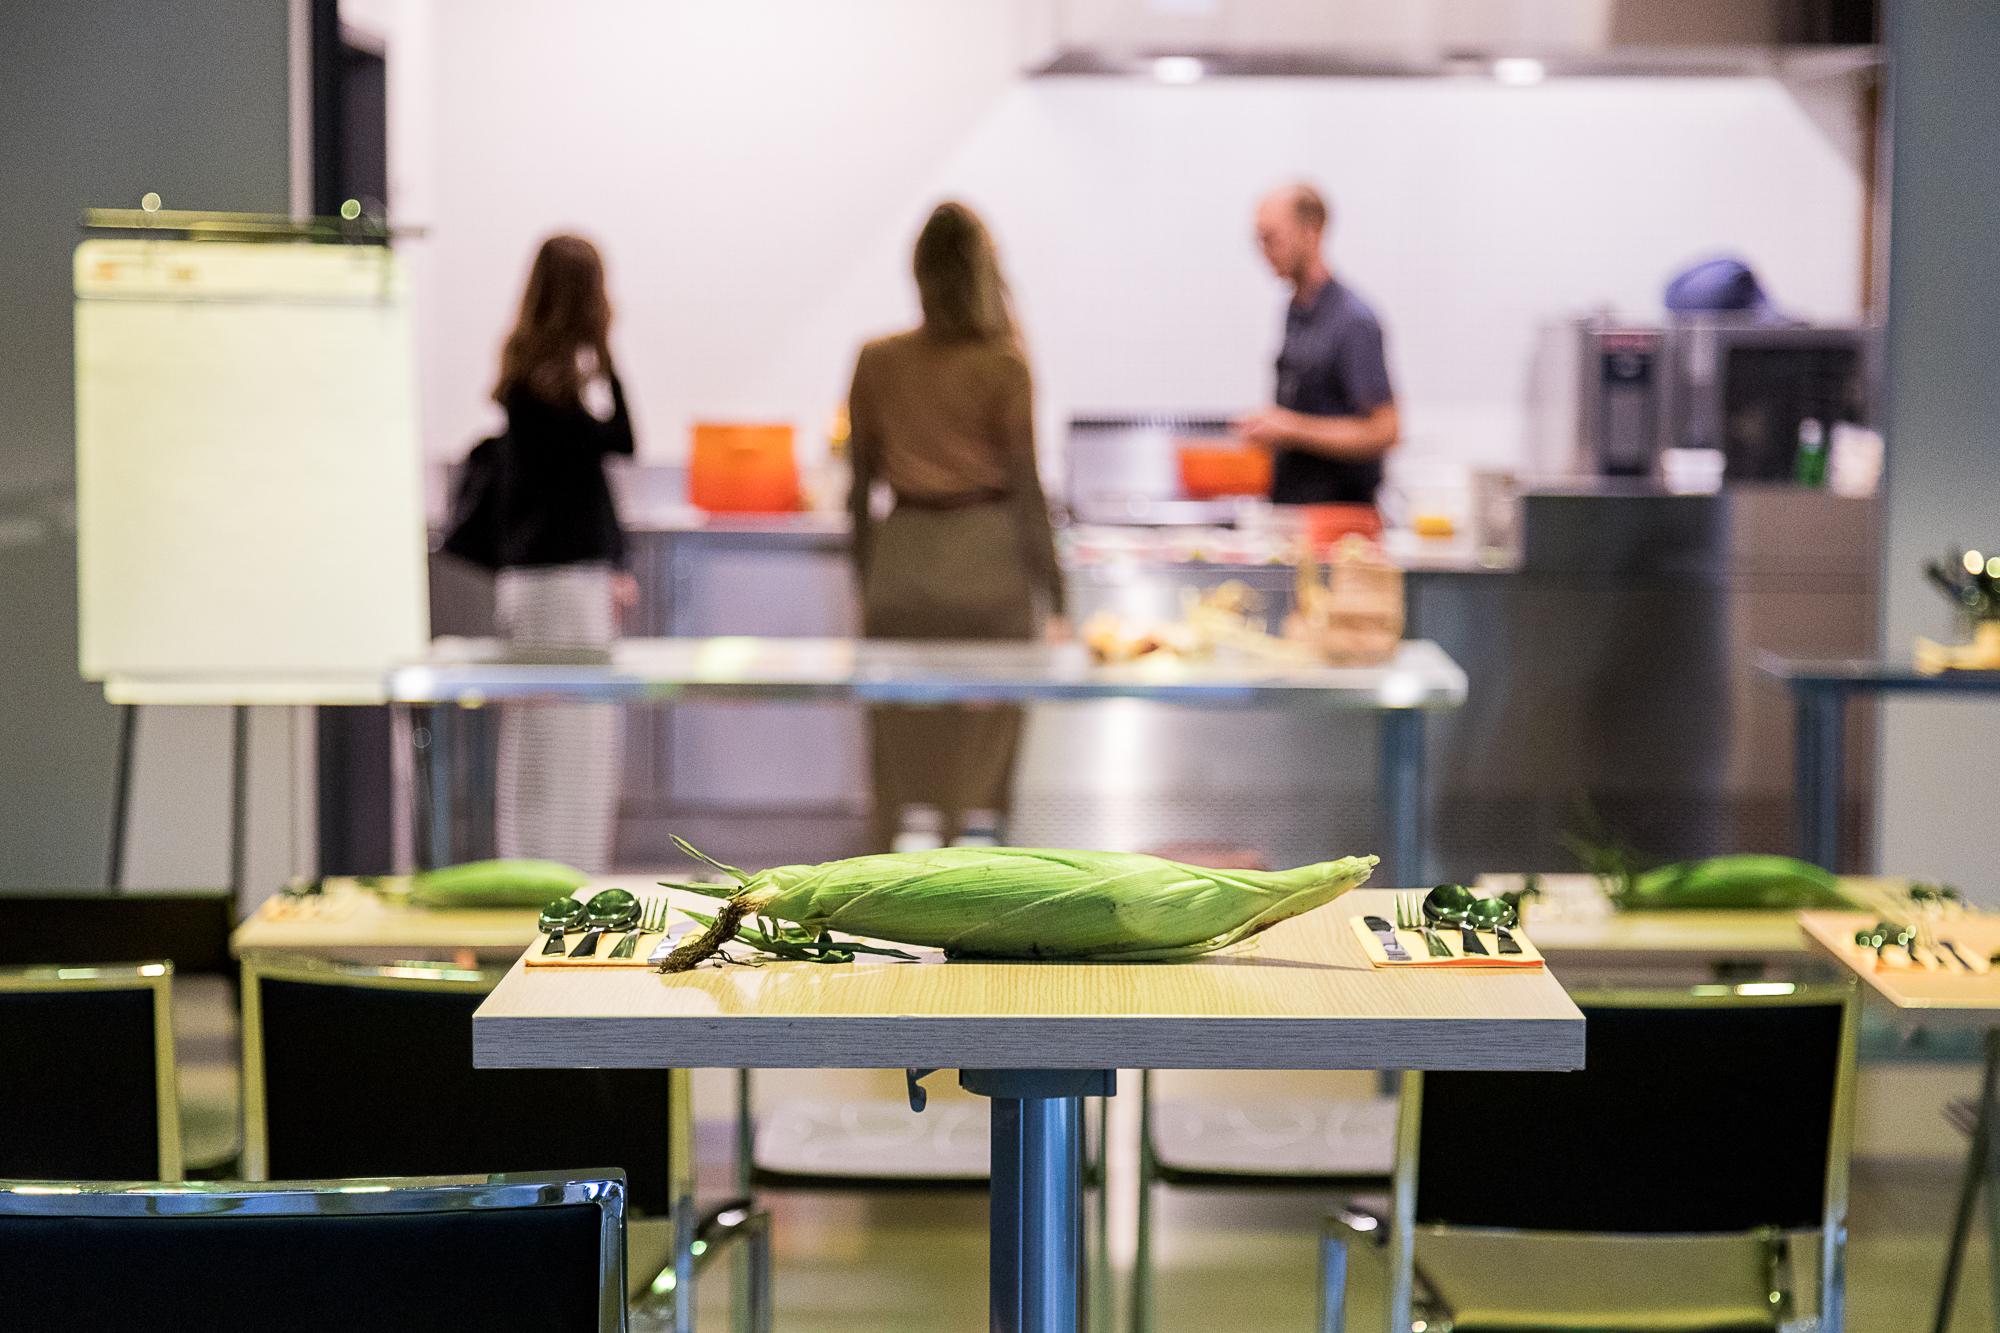 Food Core   Essence culinaire - Dans le cadre du Festival YUL EAT, le Centre Phi accueillait l'événement Essence culinaire ou les participants étaient invités à goûter et apprendre sur un aliment au coeur de notre alimentation. En compagnie du chef Aaron Langille et de la chercheuse Maya Hey, le maïs était cette fois à l'honneur.